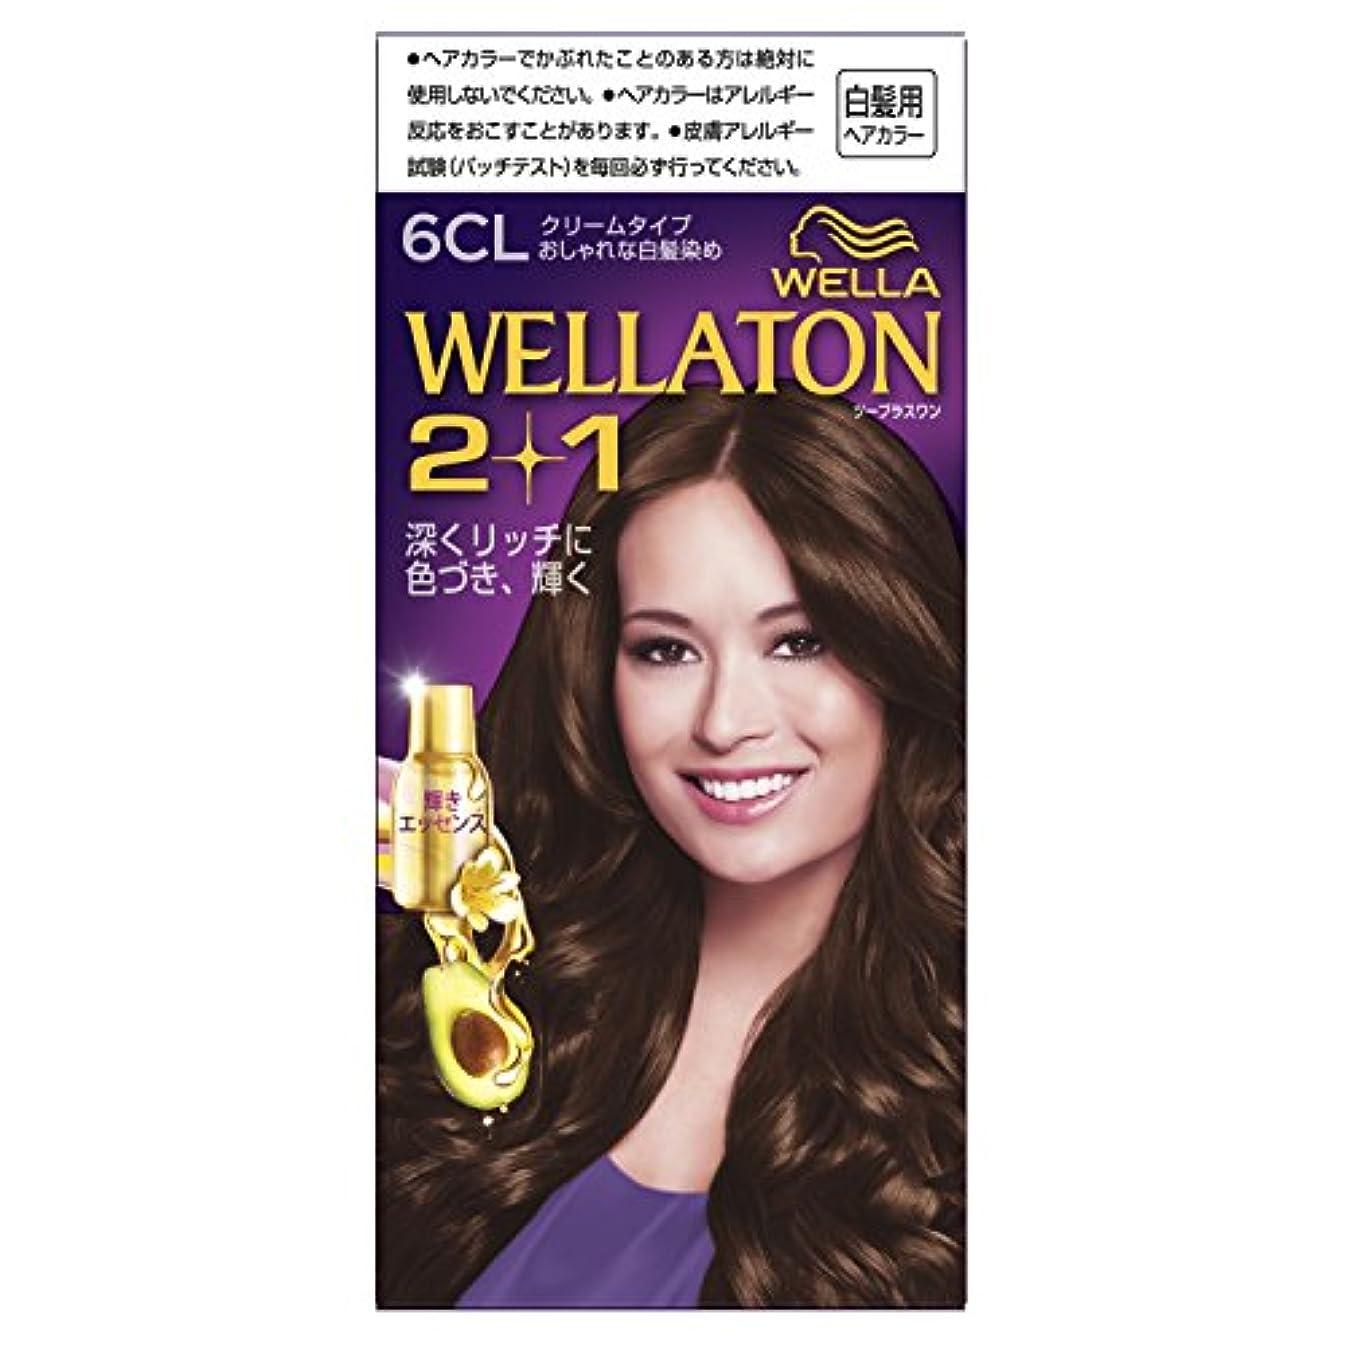 第二安全性意図的ウエラトーン2+1 クリームタイプ 6CL [医薬部外品](おしゃれな白髪染め)